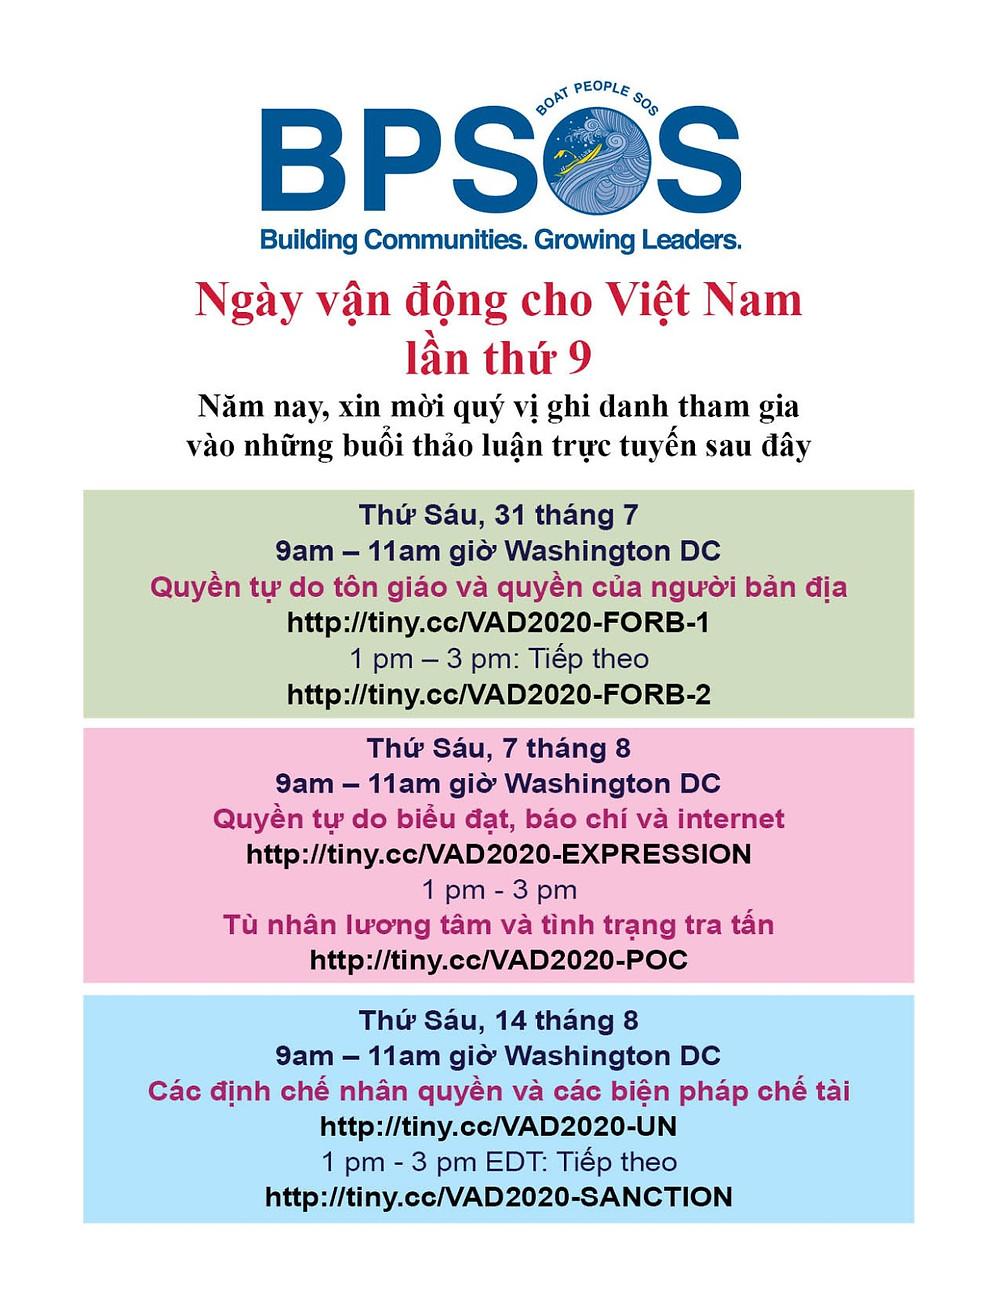 Lịch trình các buổi hội luận Ngày Vận Động cho Việt Nam 2020